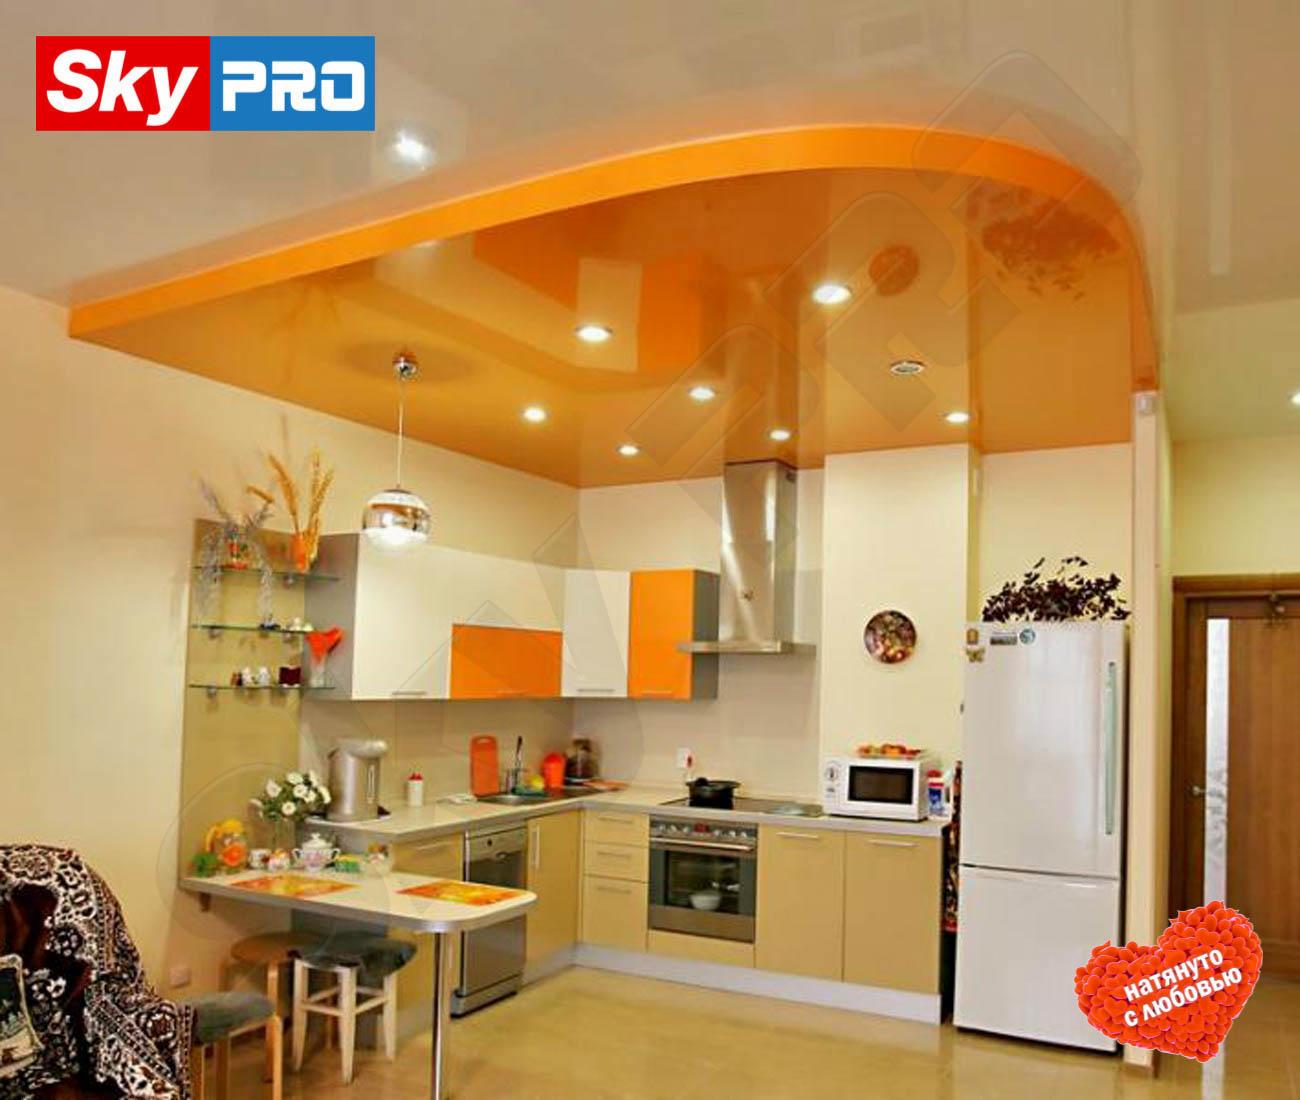 Двухуровневый натяжной потолок цена за м<sup>2</sup> Премиум